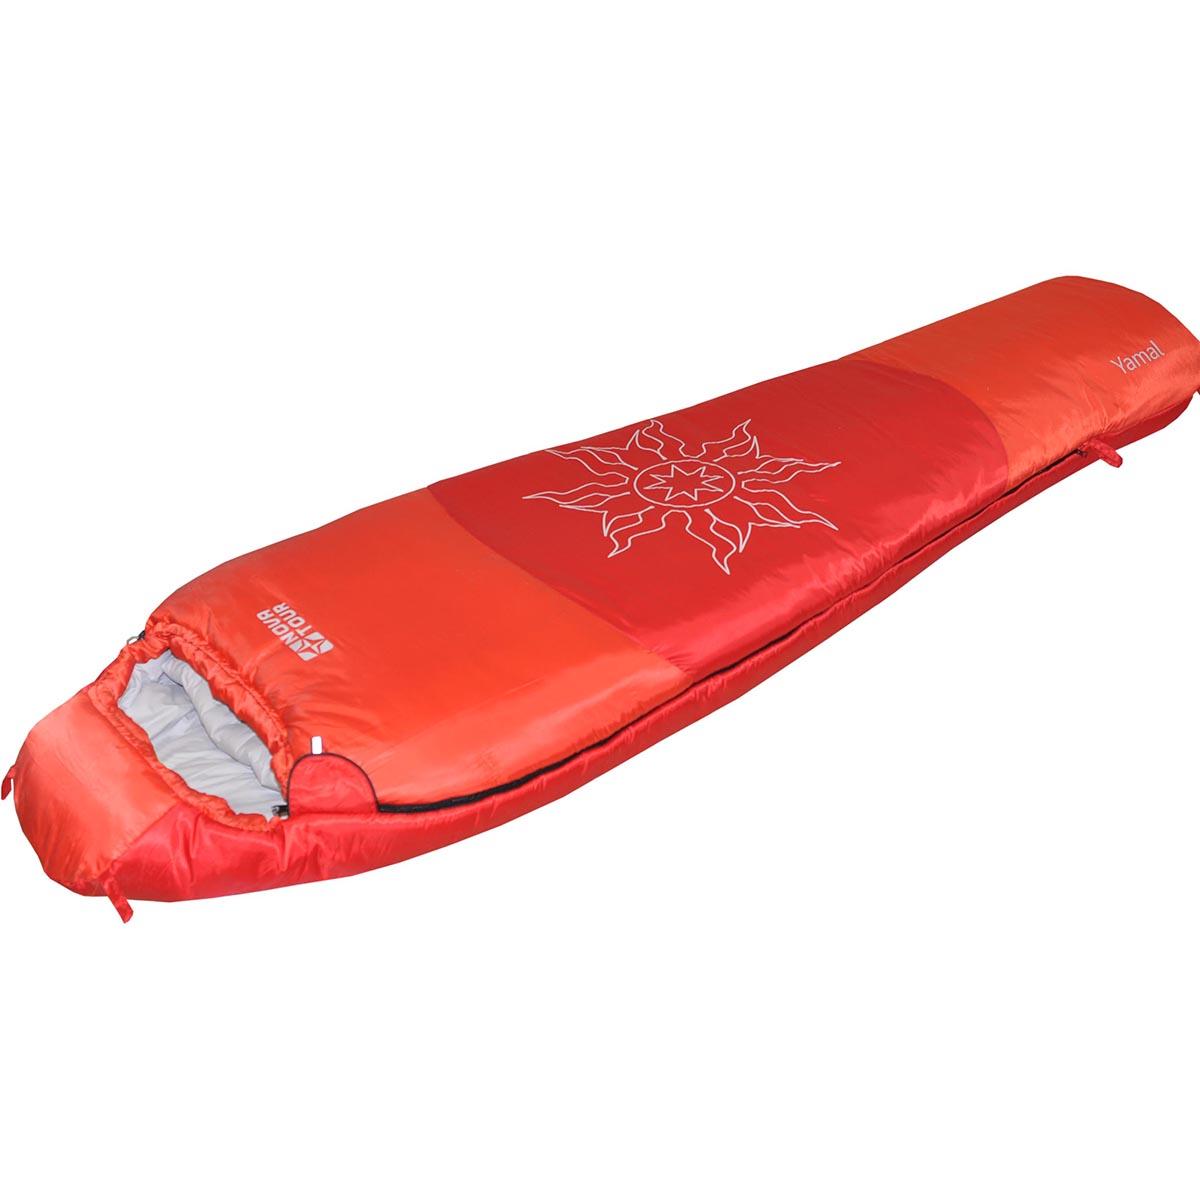 Спальный мешок Nova Tour Ямал -30 V2, цвет: красный, левосторонняя молния95419-001-LeftСпальный мешок Nova Tour Ямал -30 V2 - конструкции - кокон и синтетическим наполнителем для использования при очень низких температурах. Утягивающийся капюшон, шейный воротник - сохраняют тепло. Двухзамковая молния позволяет состегнуть два спальных мешка левого и правого исполнения в один двойной. Компрессионный мешок в комплекте.Что взять с собой в поход?. Статья OZON Гид